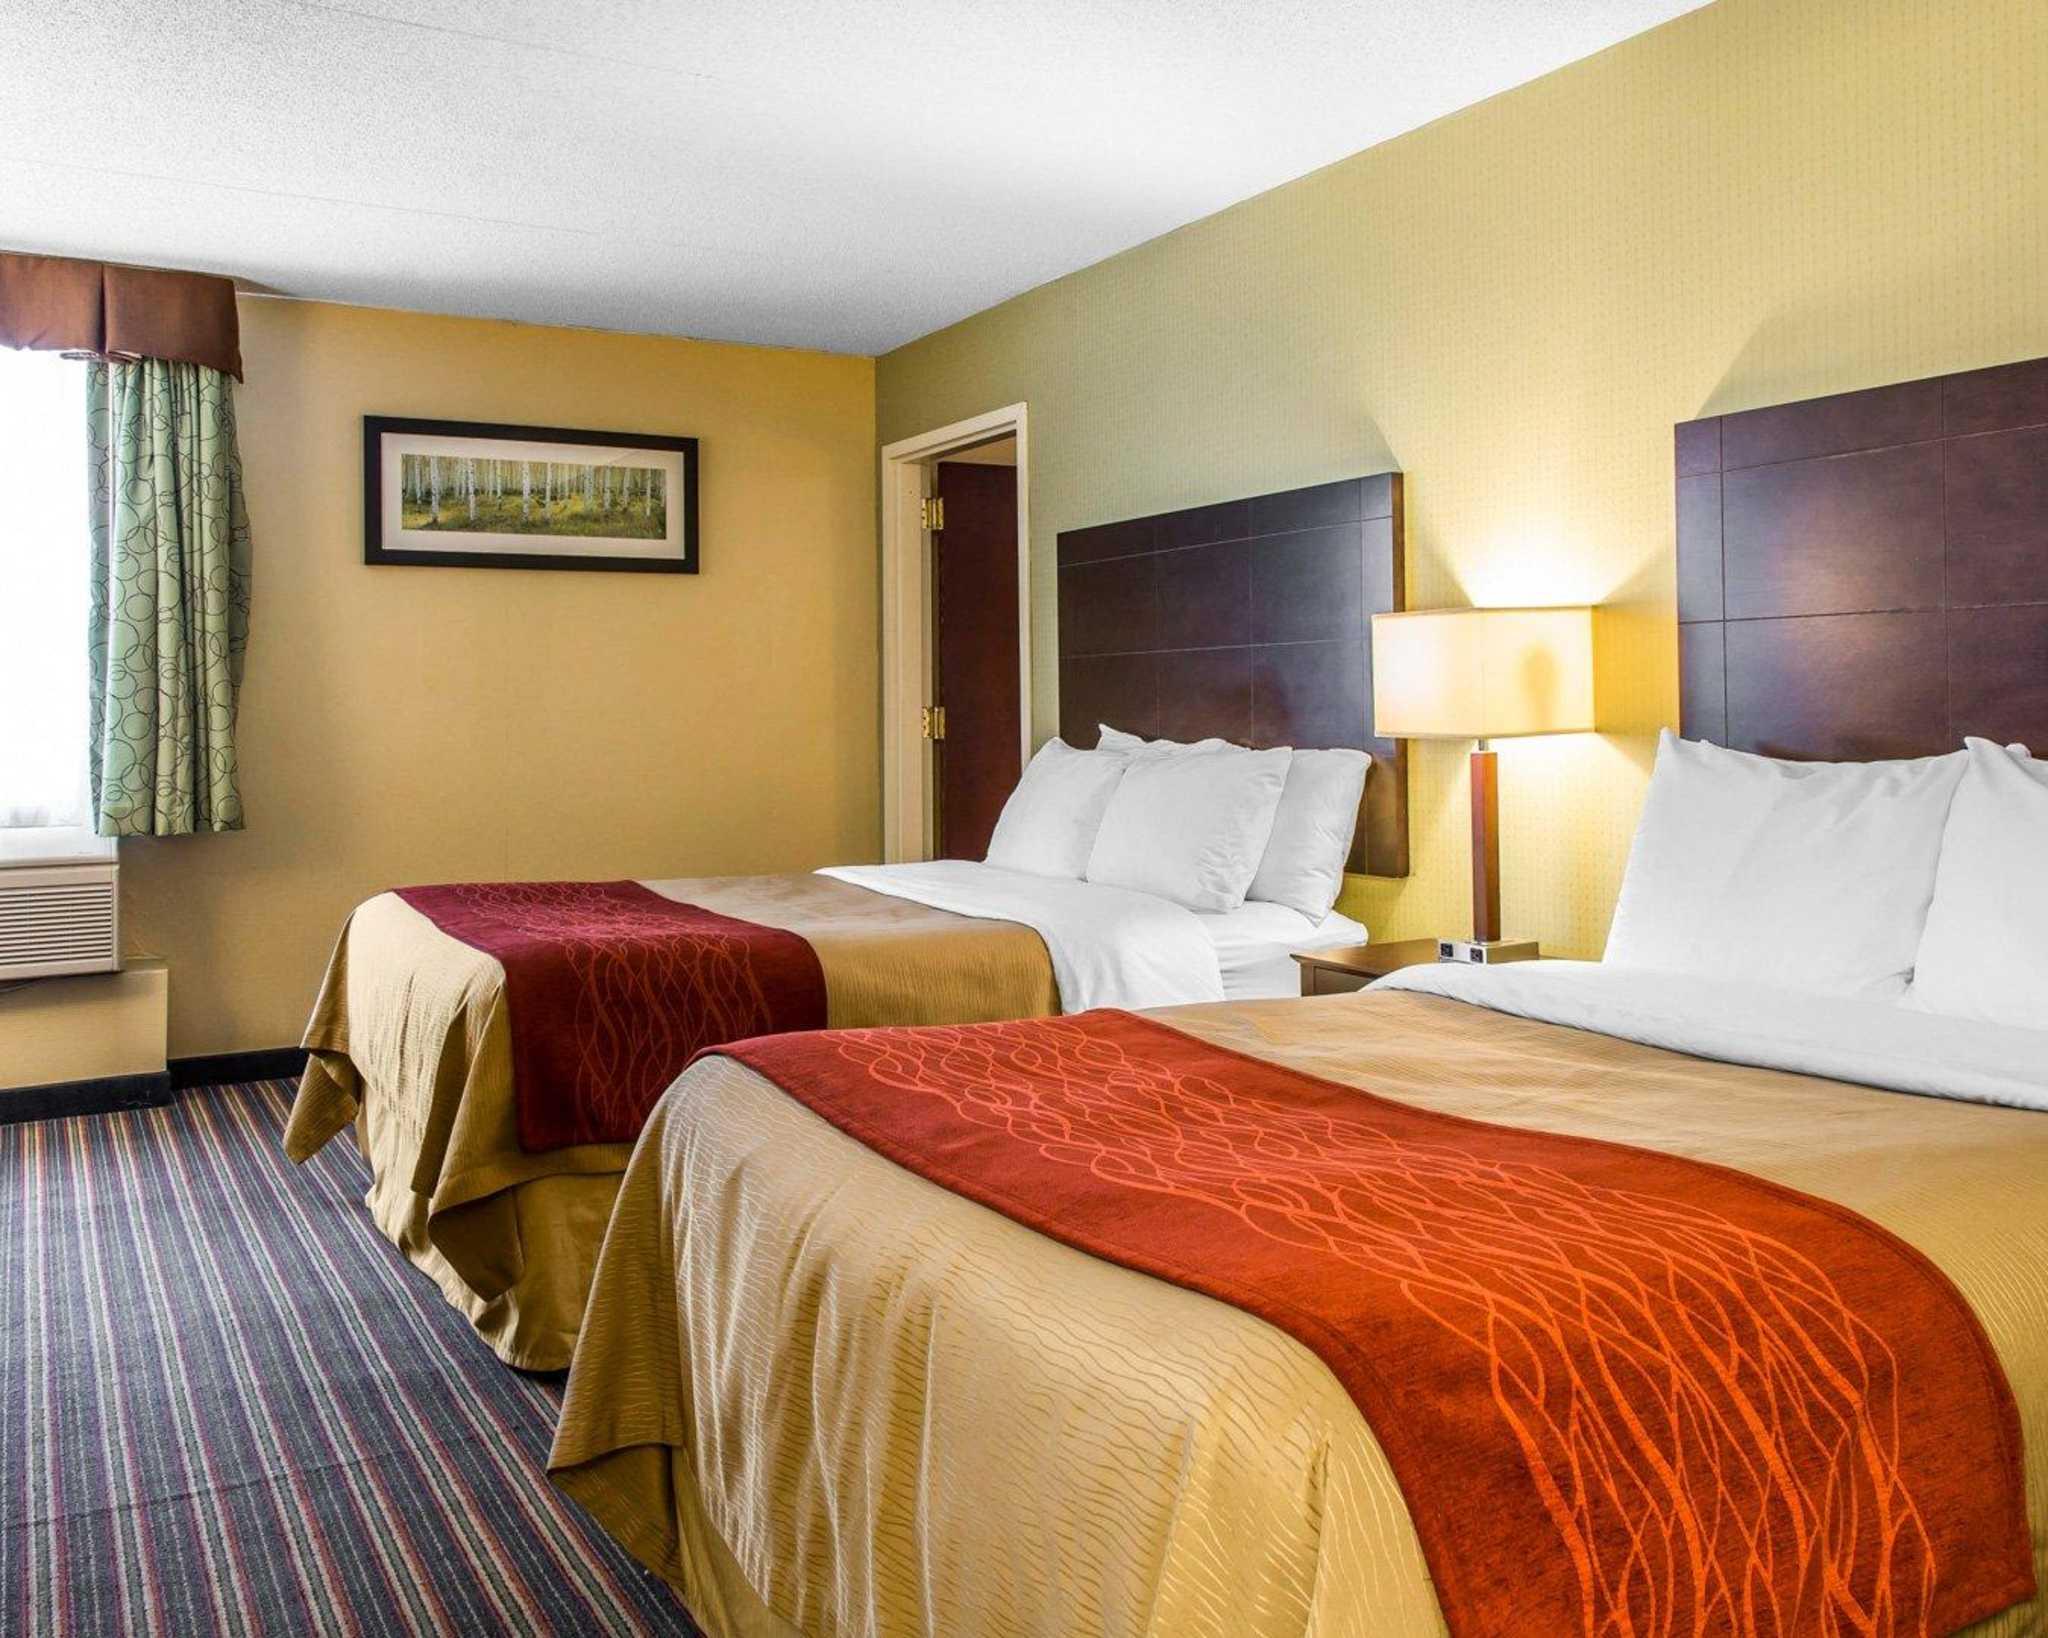 Comfort Inn & Suites East Hartford - Hartford image 16